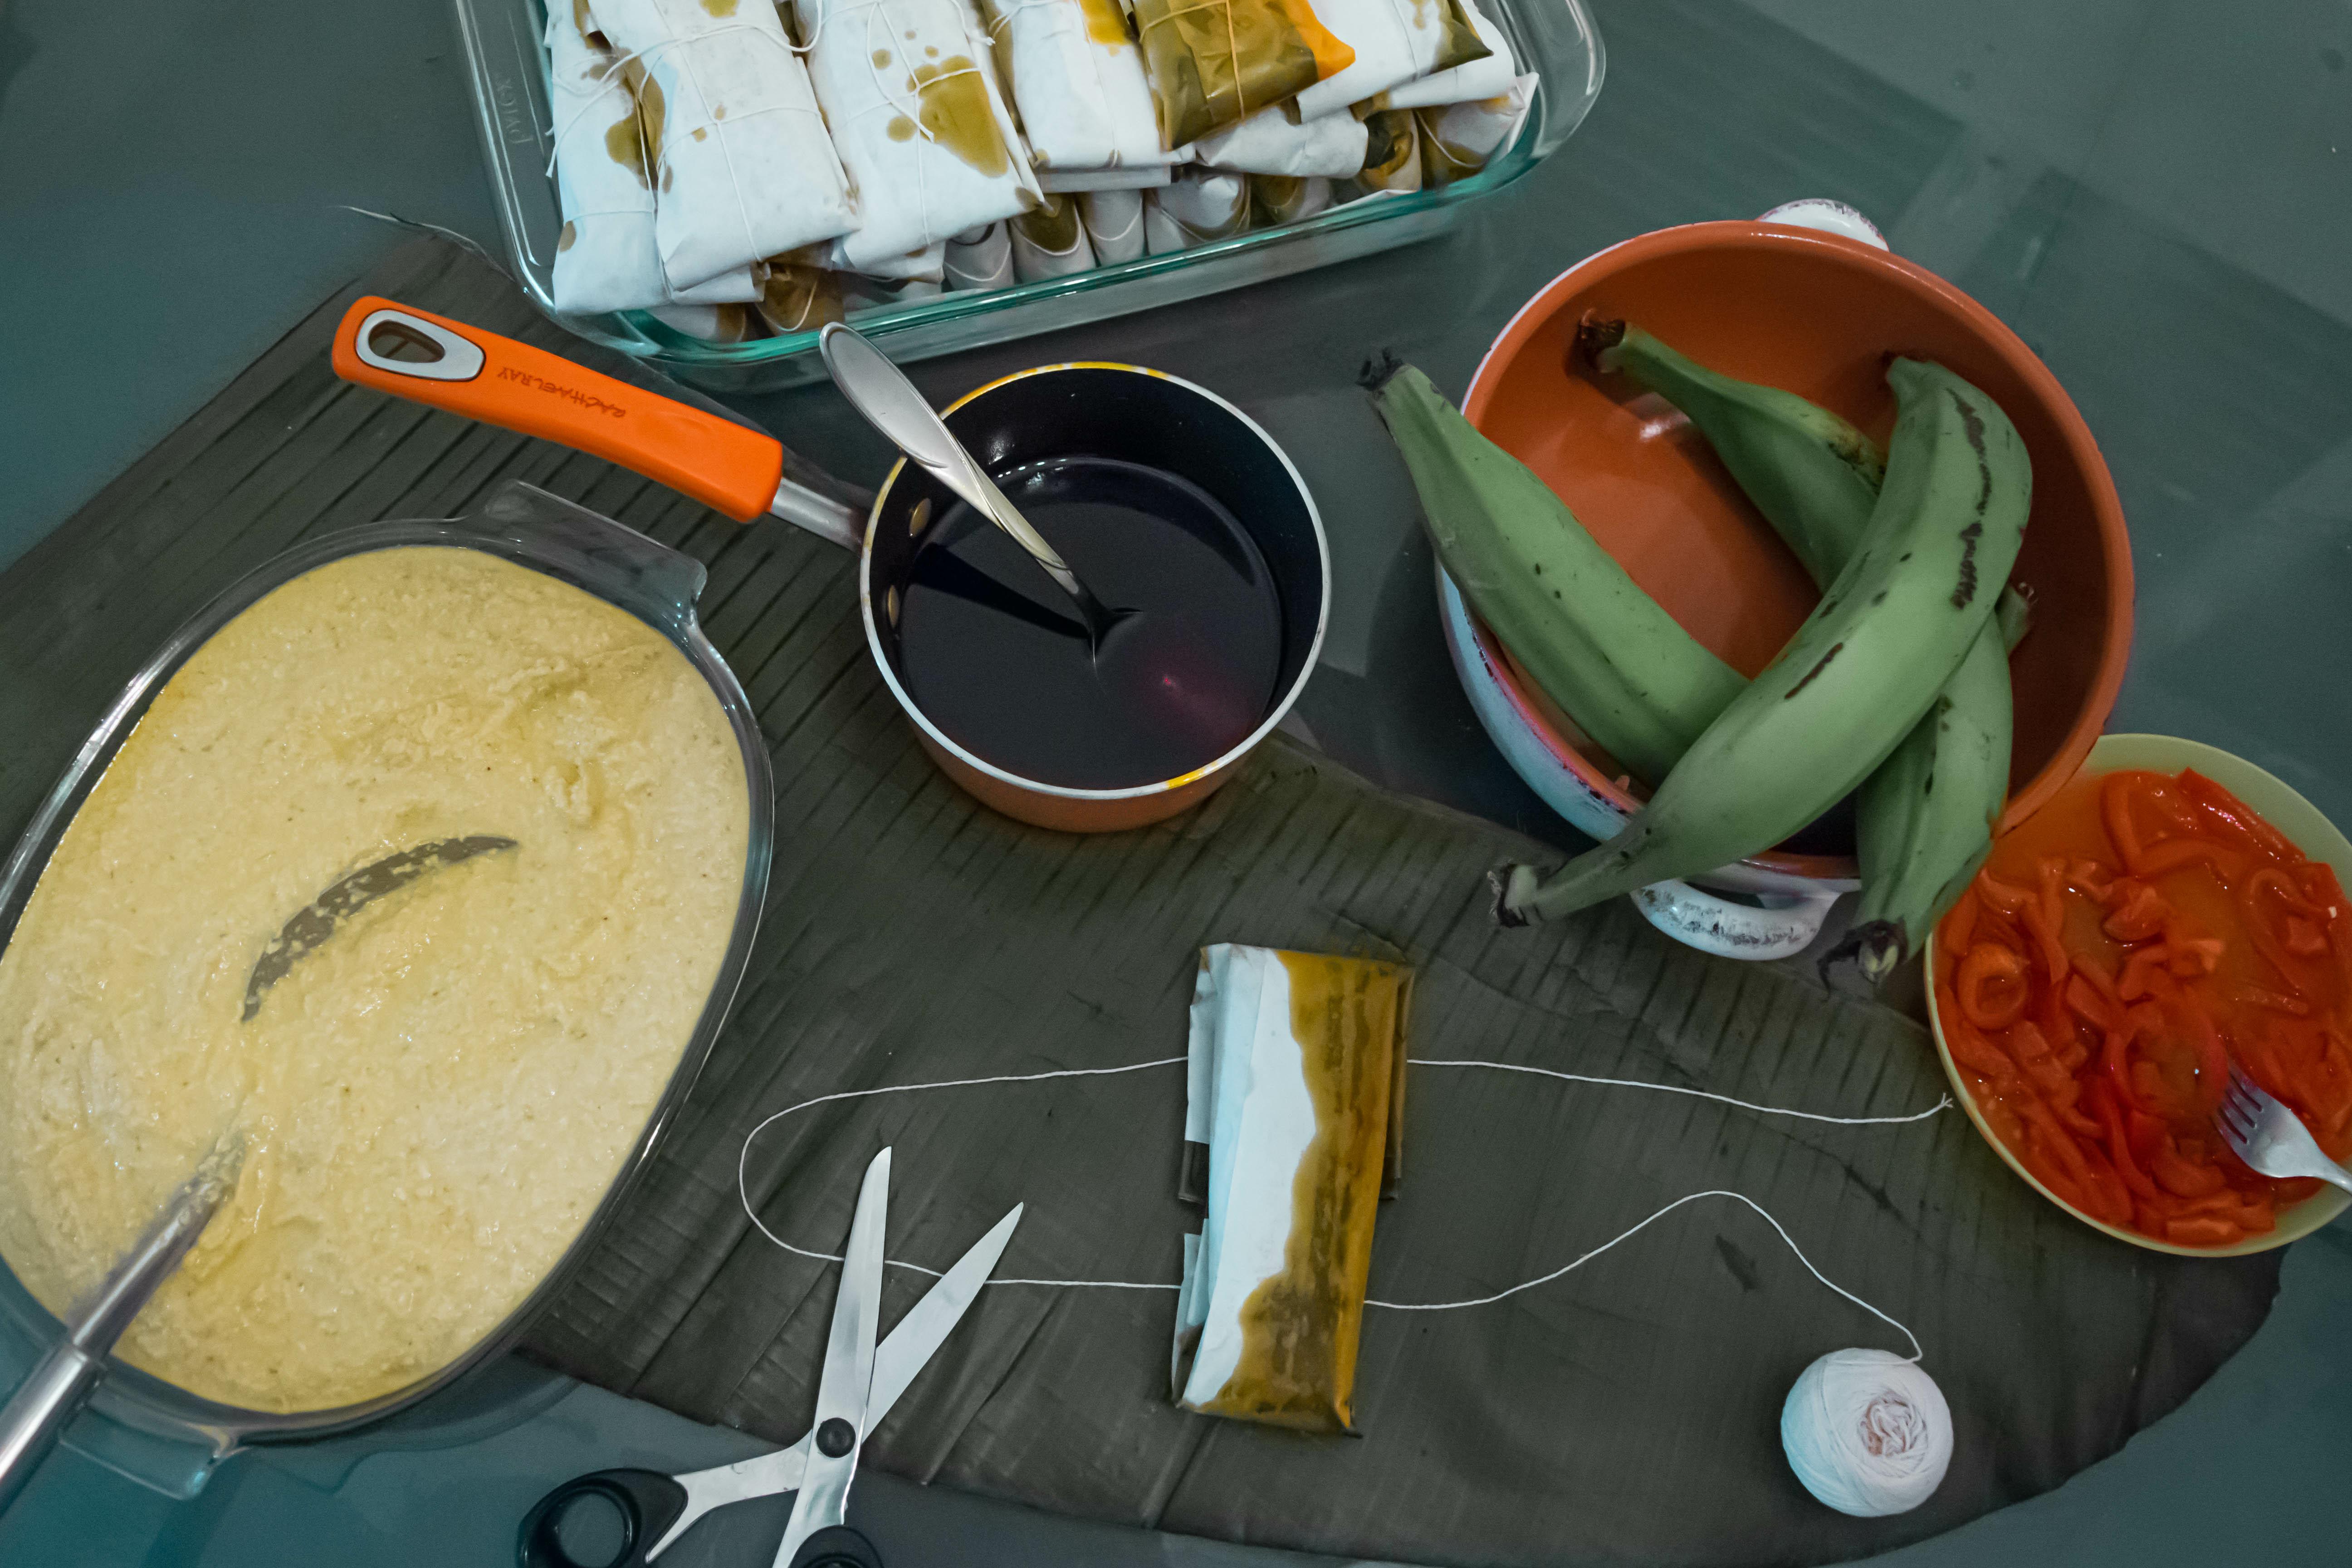 Reunindo os ingredientes certos para celebrar o Mês da Herança Hispana